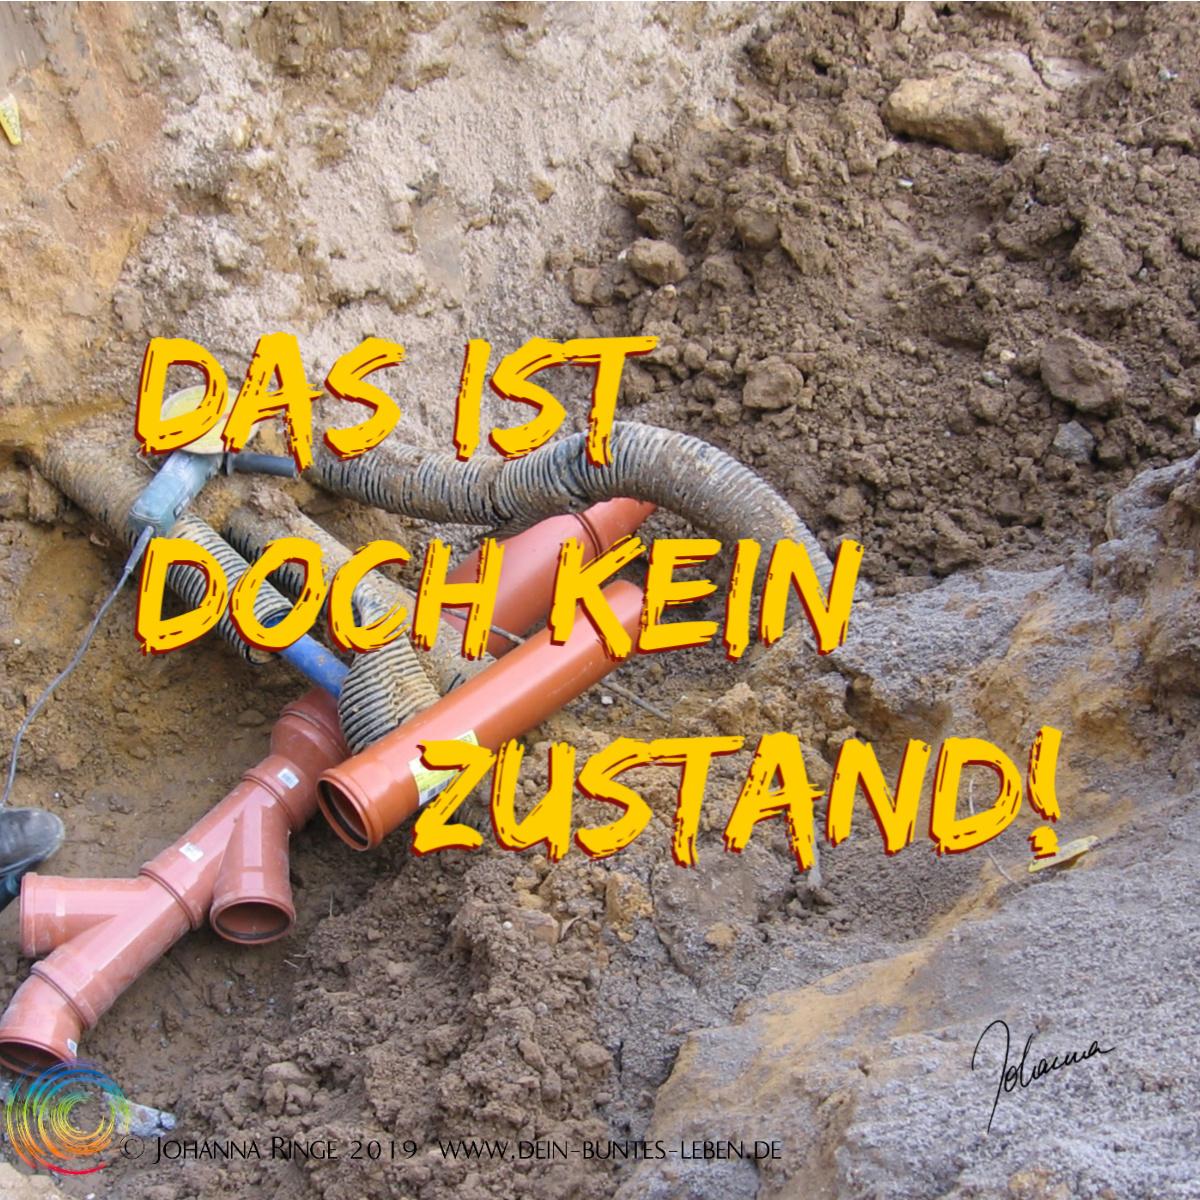 Das ist doch kein Zustand! Text auf Baustellenphoto. ©Johanna Ringe 2019 www.dein-buntes-leben.de